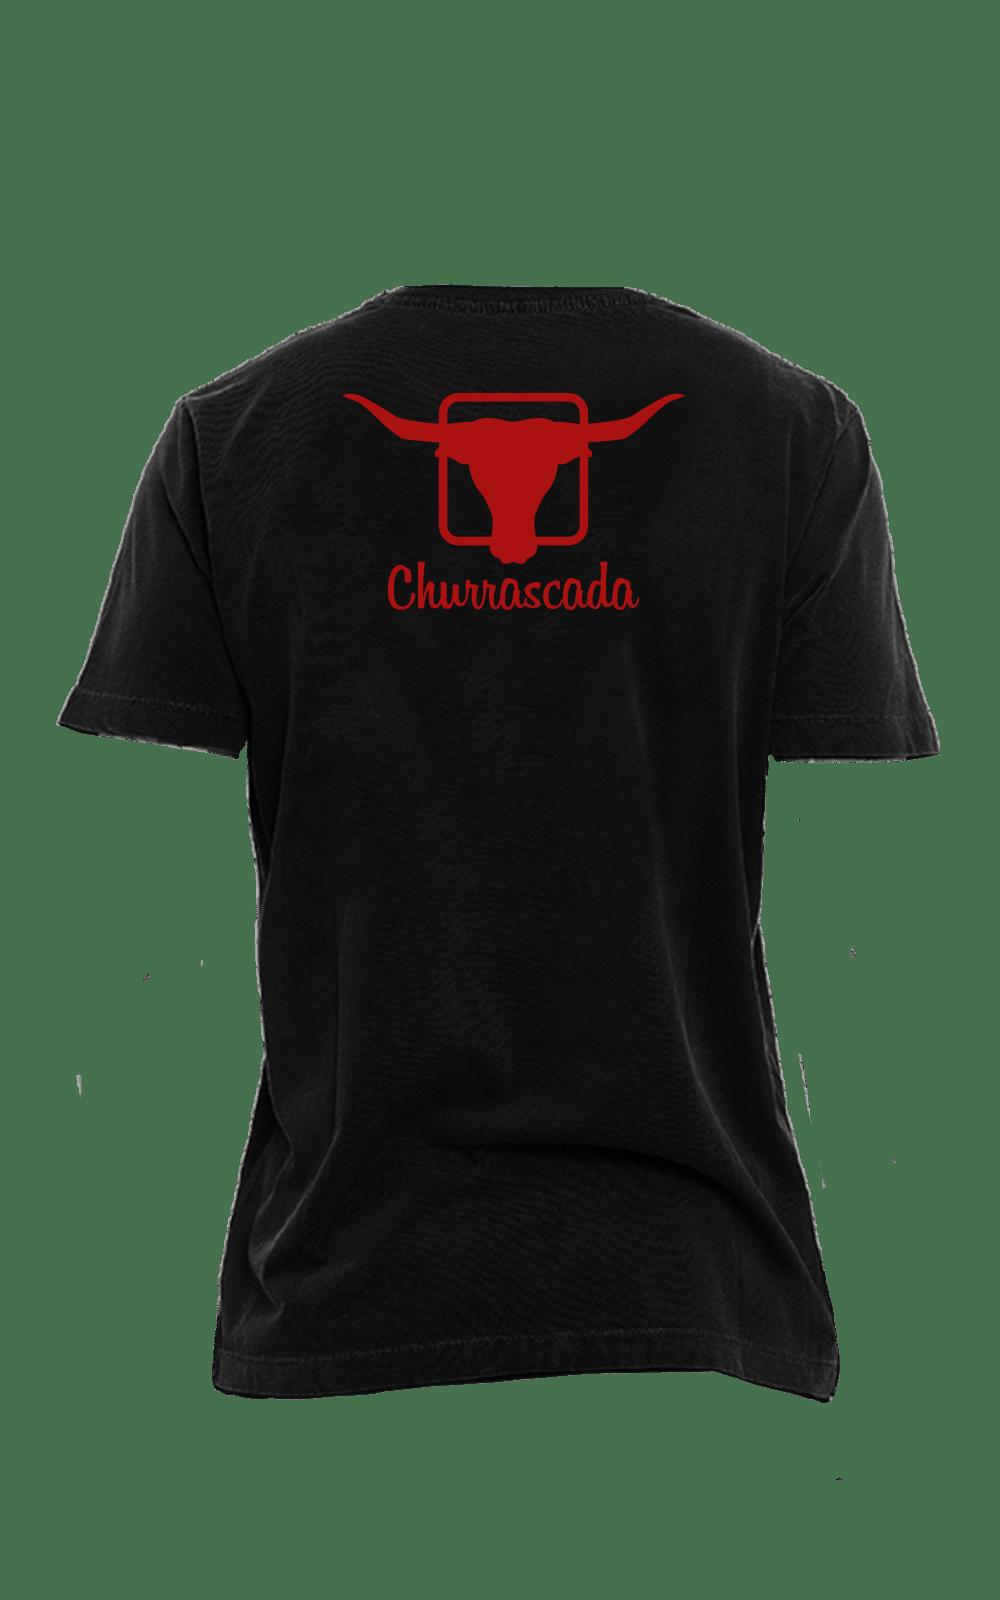 Camiseta_Churrascada_LogoRed_Black_Costas